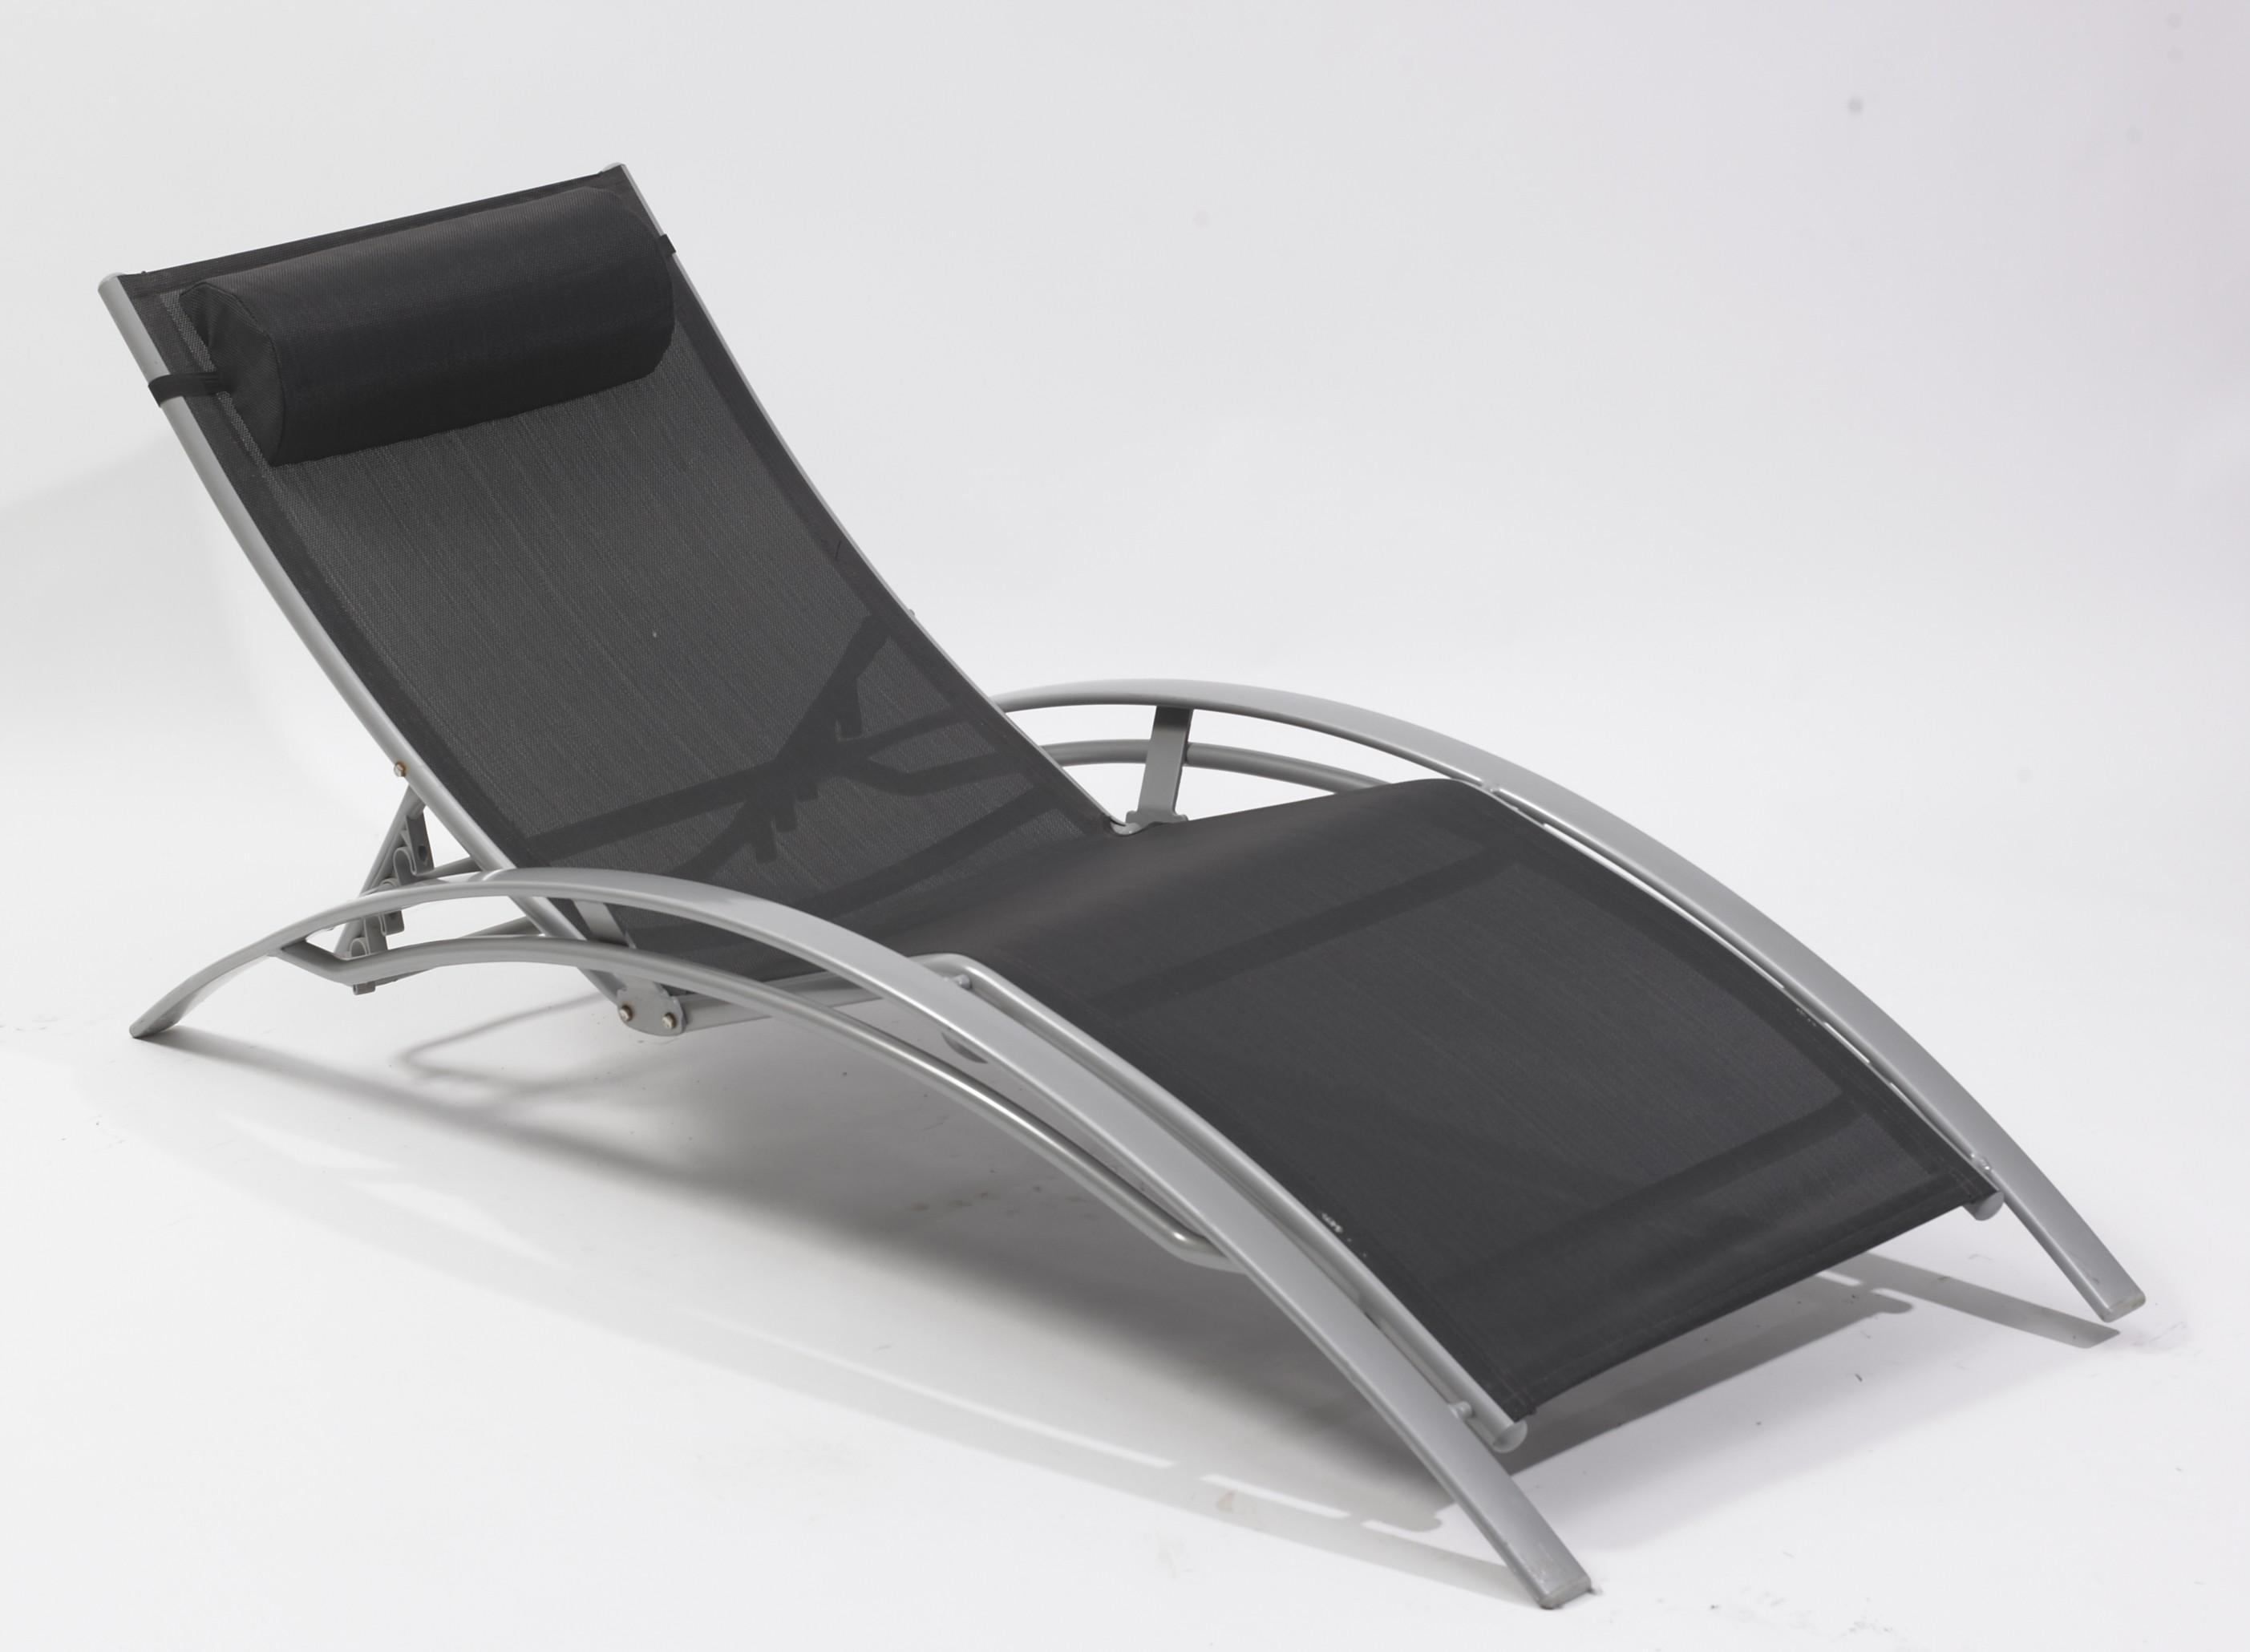 chaise longue multi positions aluminium noir. Black Bedroom Furniture Sets. Home Design Ideas